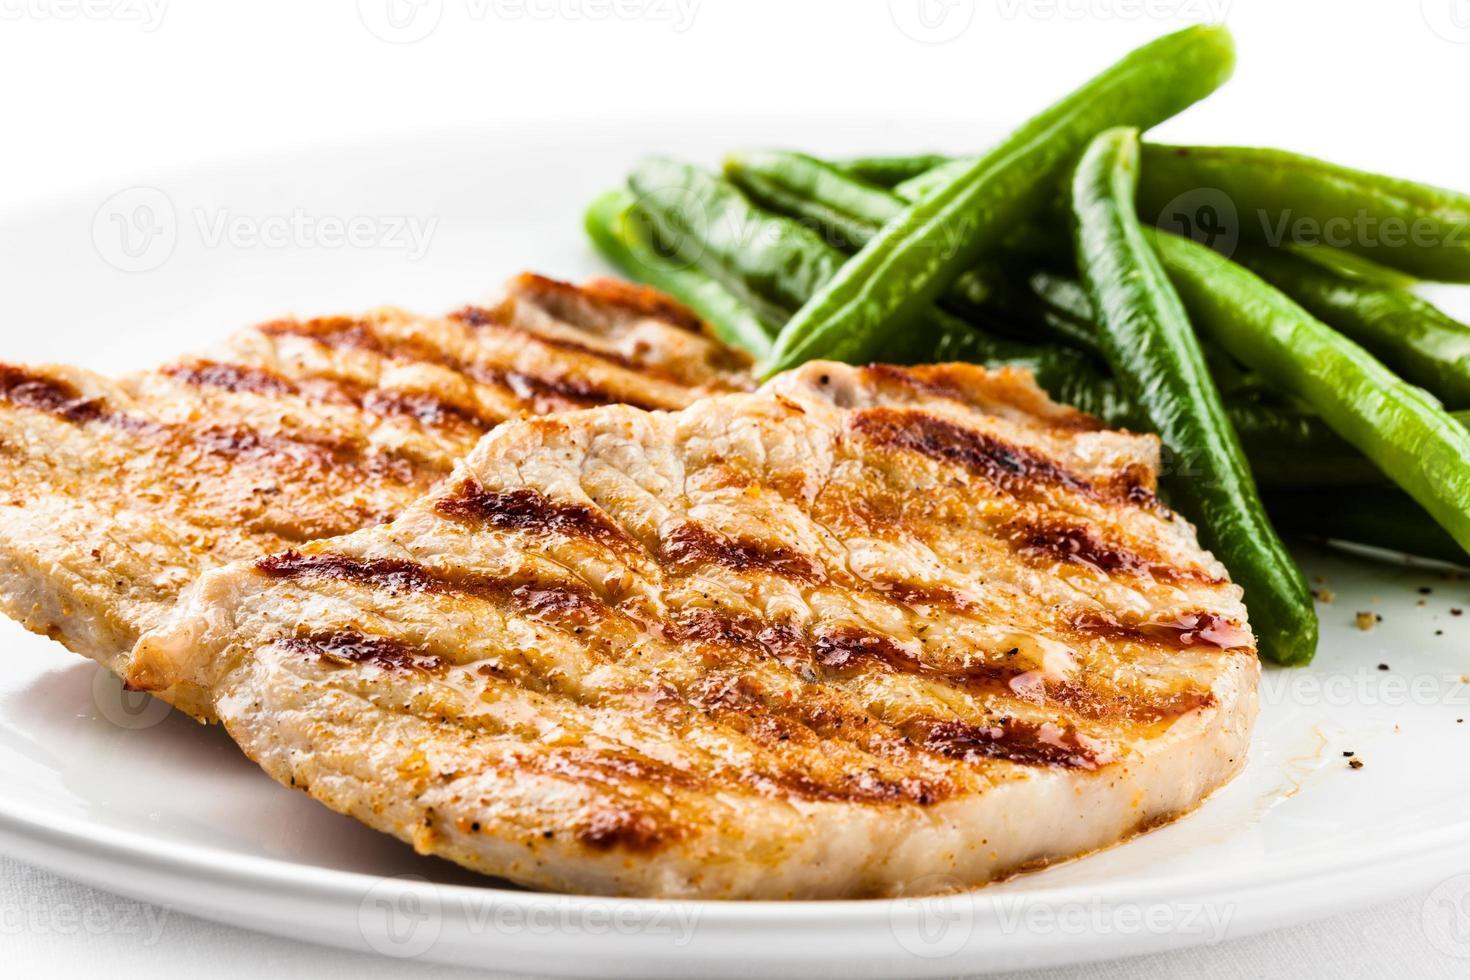 grillad kött och grön böna foto